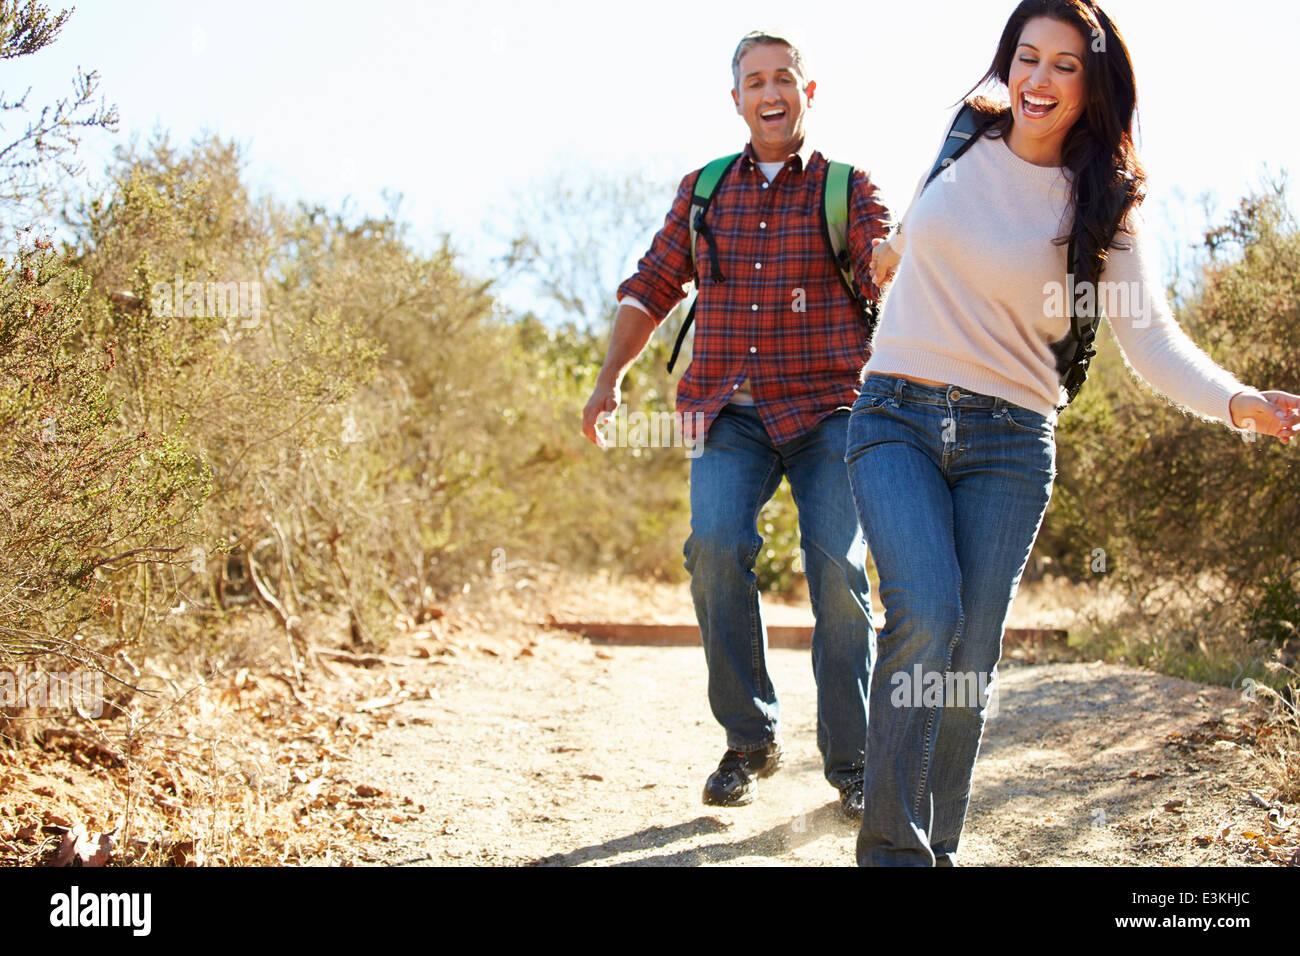 Giovane escursioni in campagna indossando zaini Immagini Stock